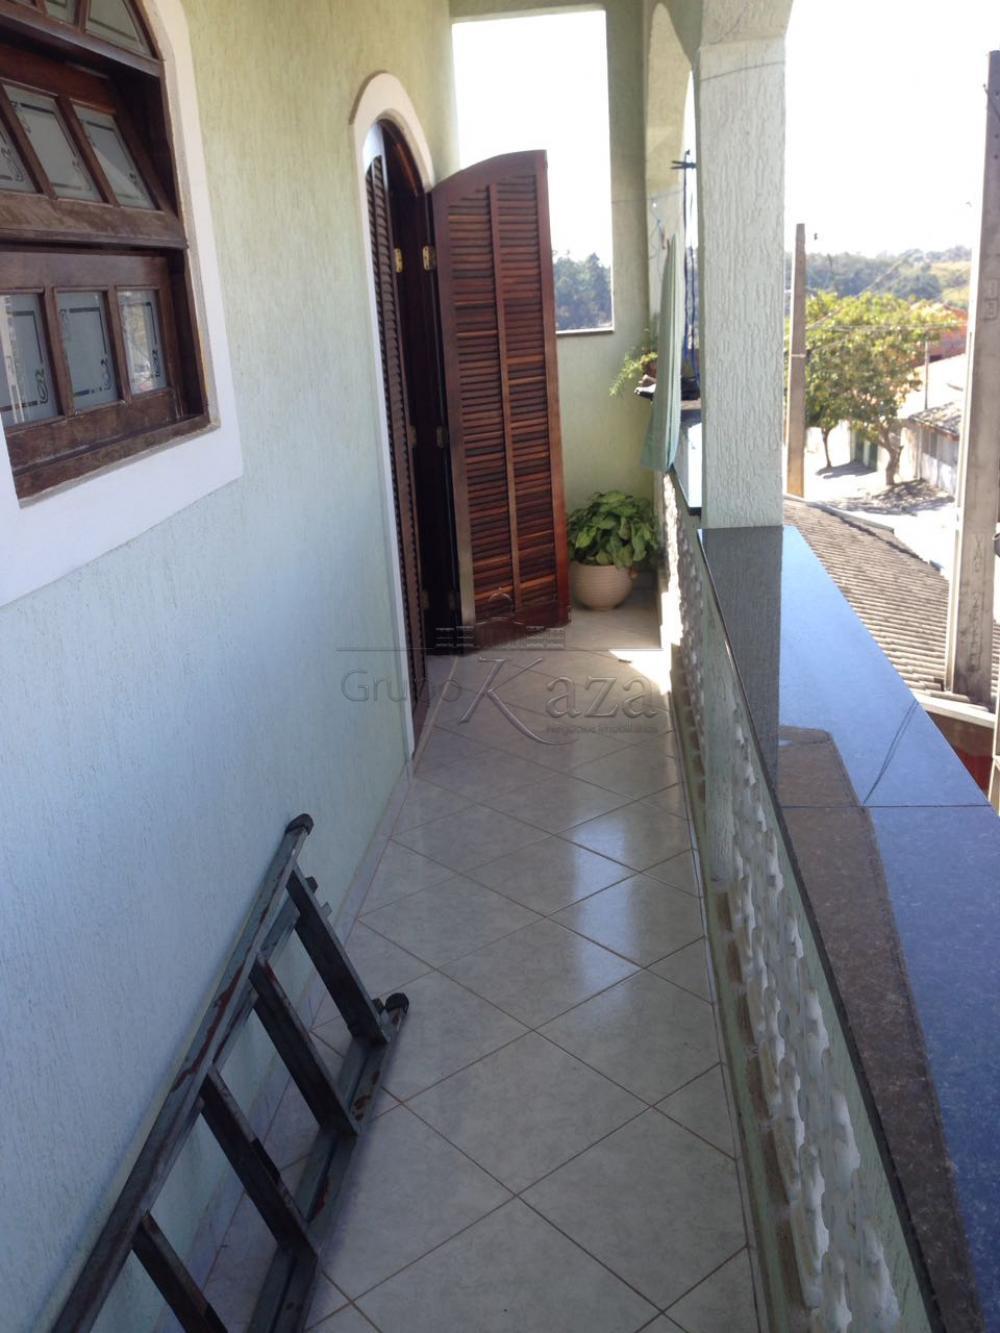 Comprar Casa / Sobrado em Jacareí apenas R$ 350.000,00 - Foto 16